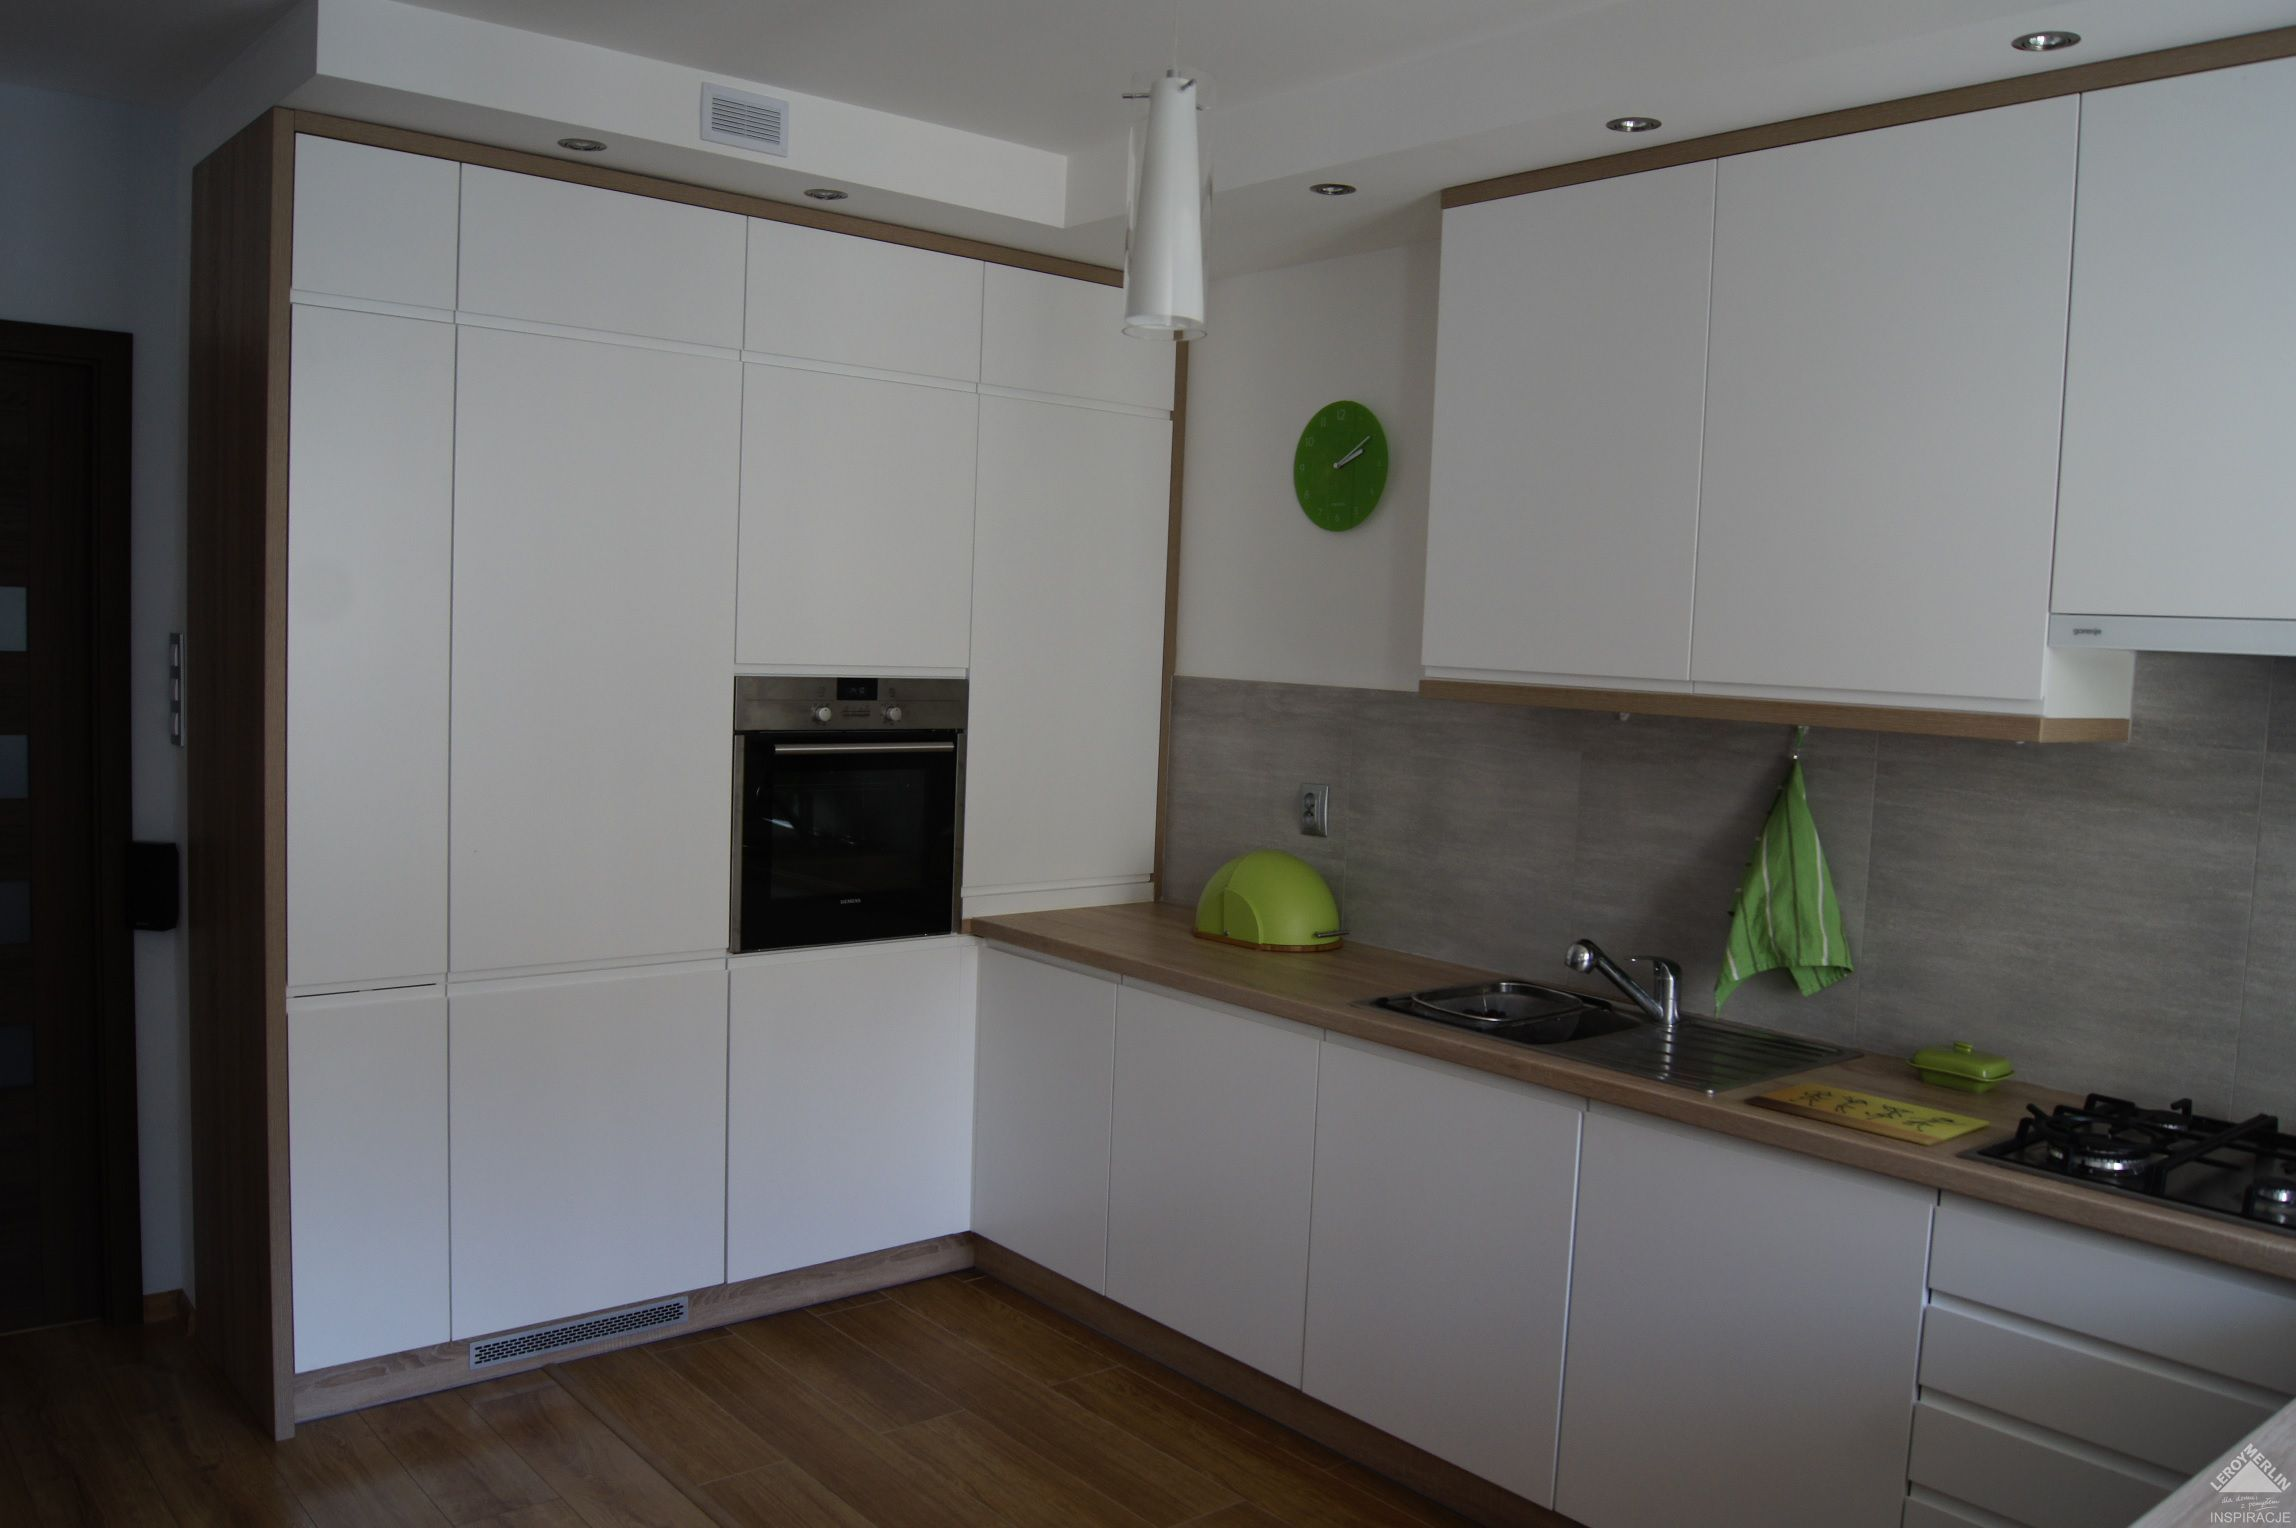 sufit podwieszany w kuchni nad szafkami  Szukaj w Google   -> Plyta Gazowa Do Zabudowy Tanio